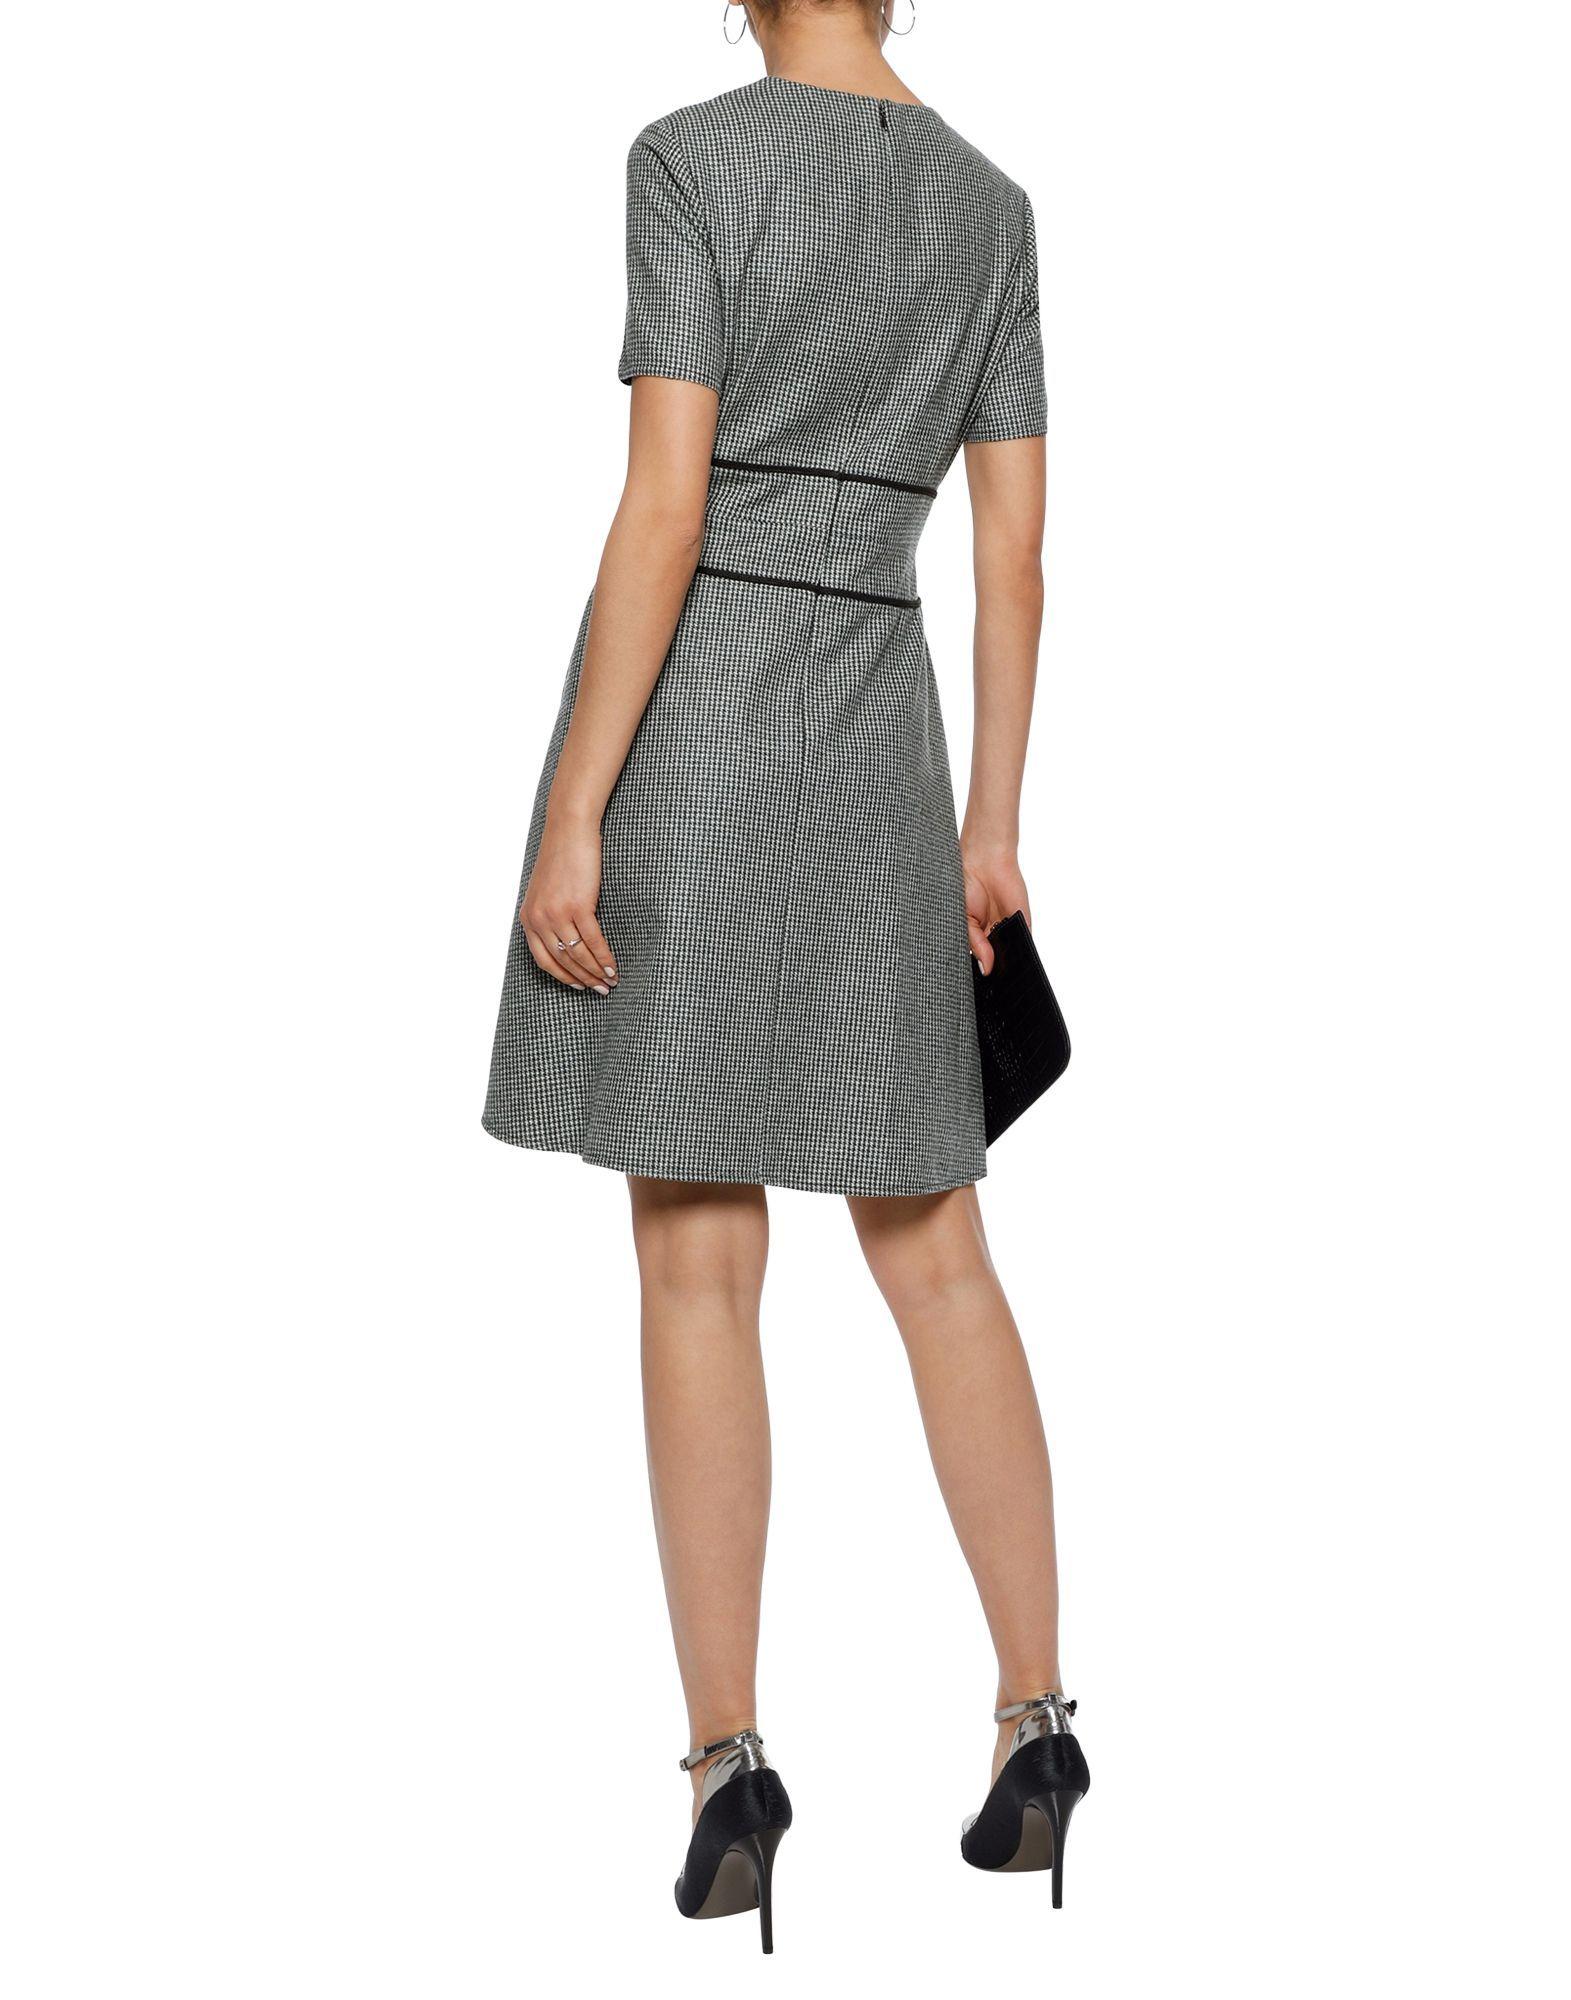 Raoul Green Wool Short Sleeve Dress